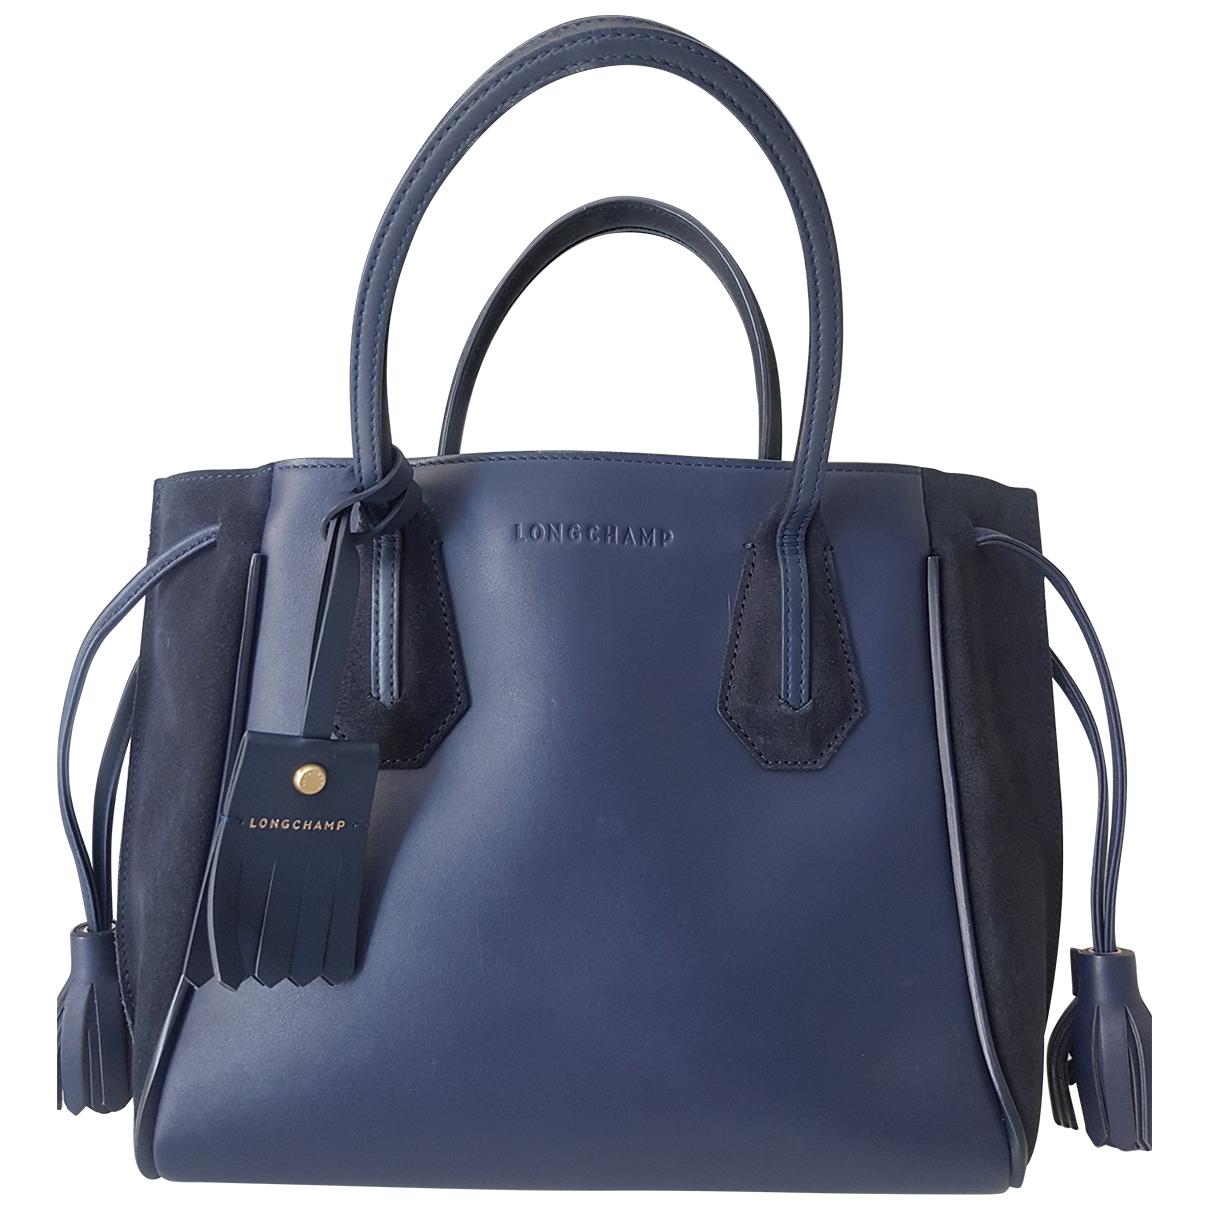 Longchamp - Sac a main Penelope  pour femme en cuir - bleu